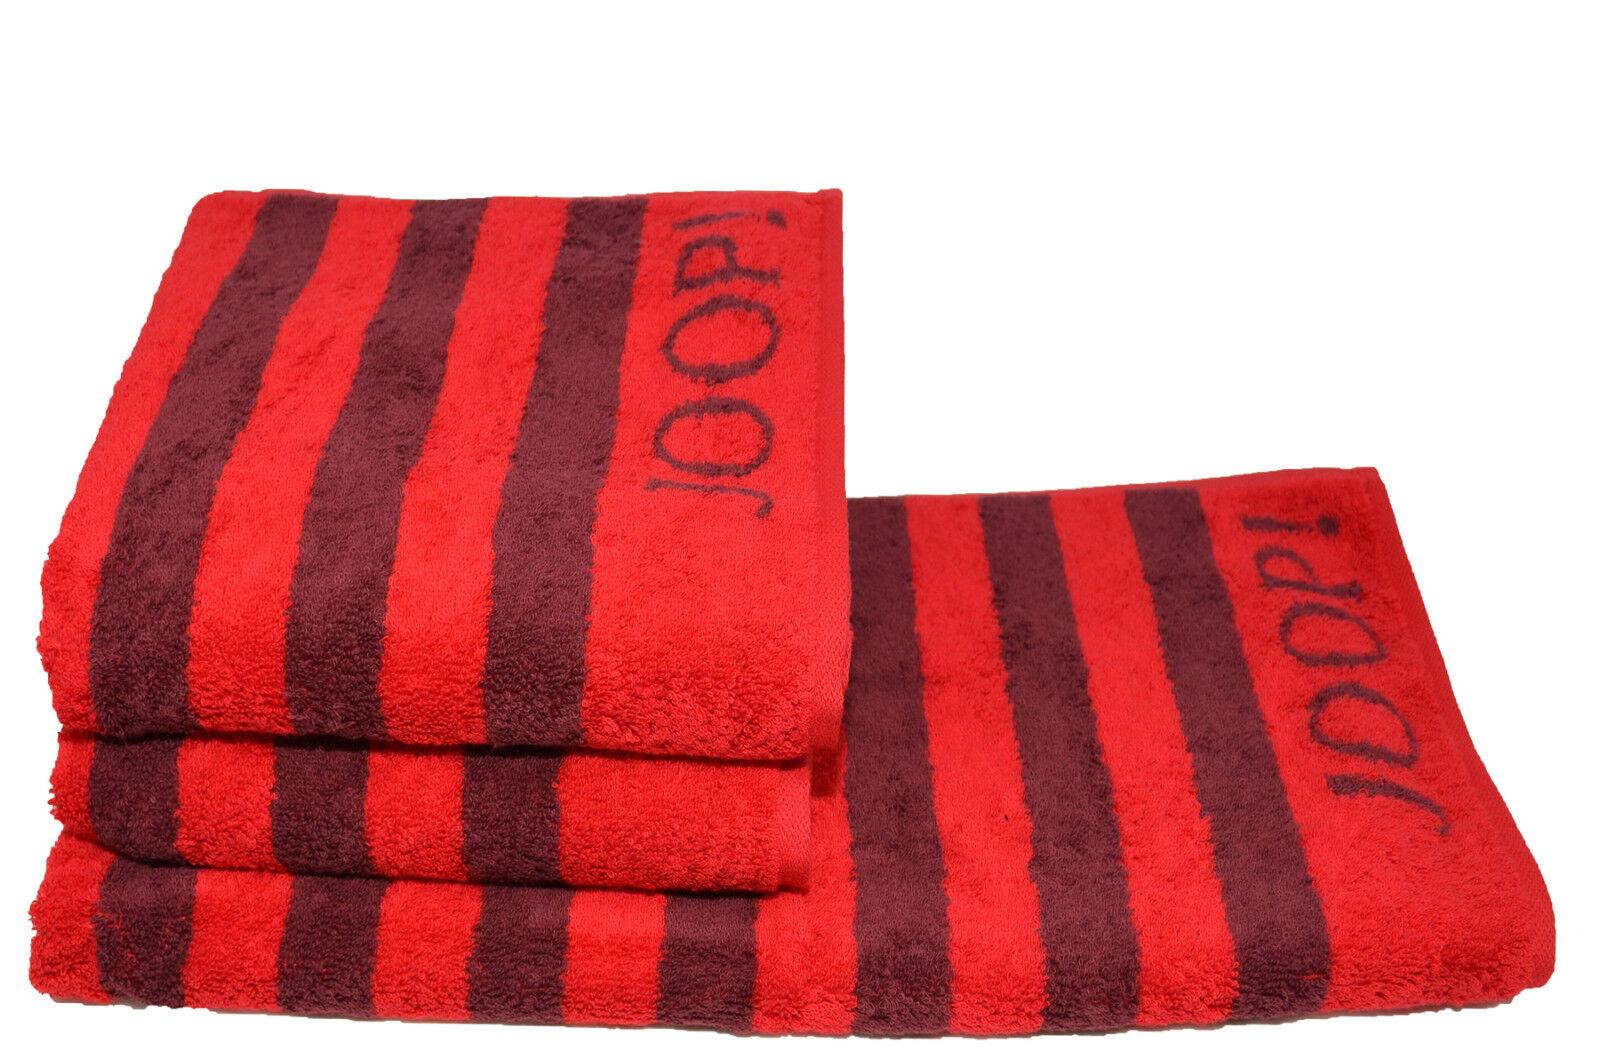 migliore vendita Joop  Asciugamano Classic 1610 1610 1610 strisce duschtuch RUBINO 24 sauna Panno asciugamani  elementi di novità